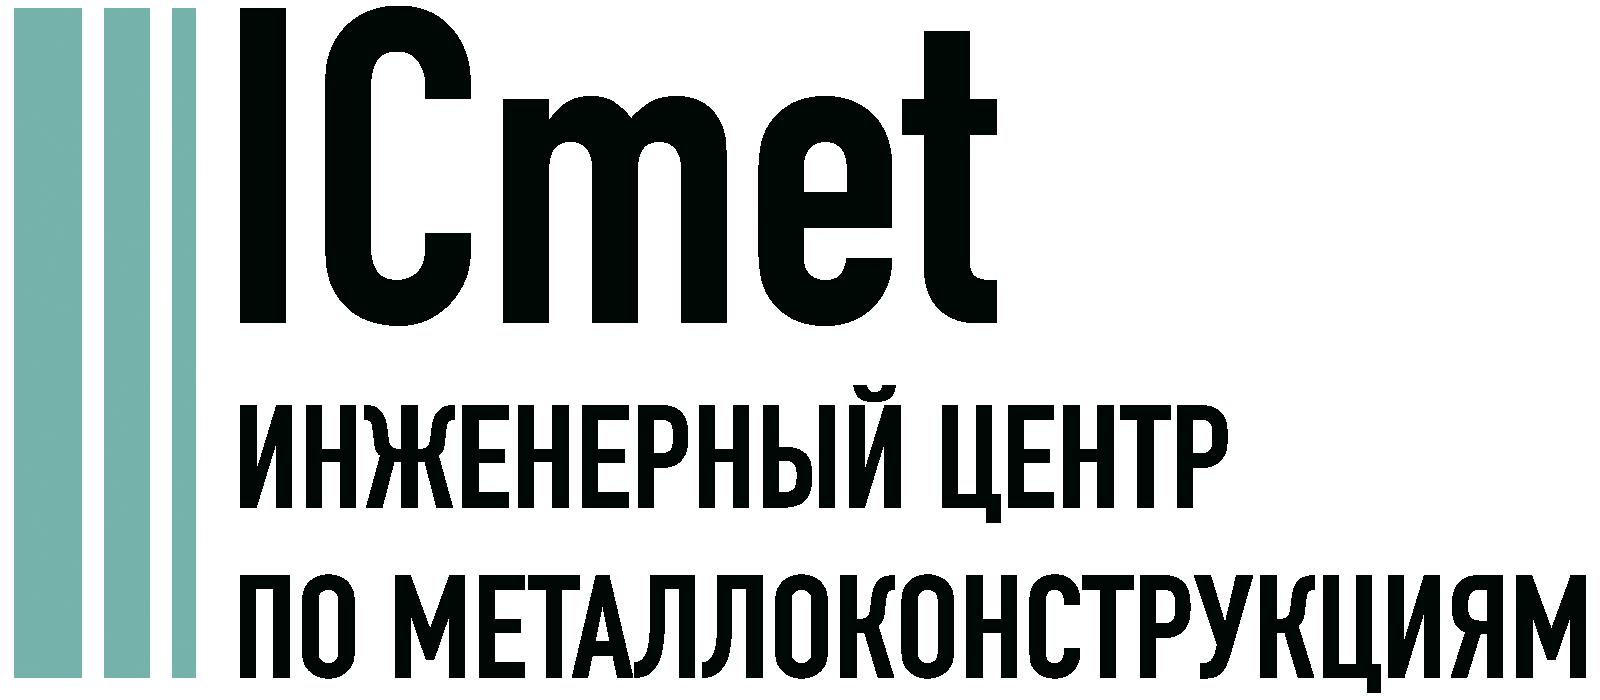 Проектирование металлоконструкций Санкт-Петербург